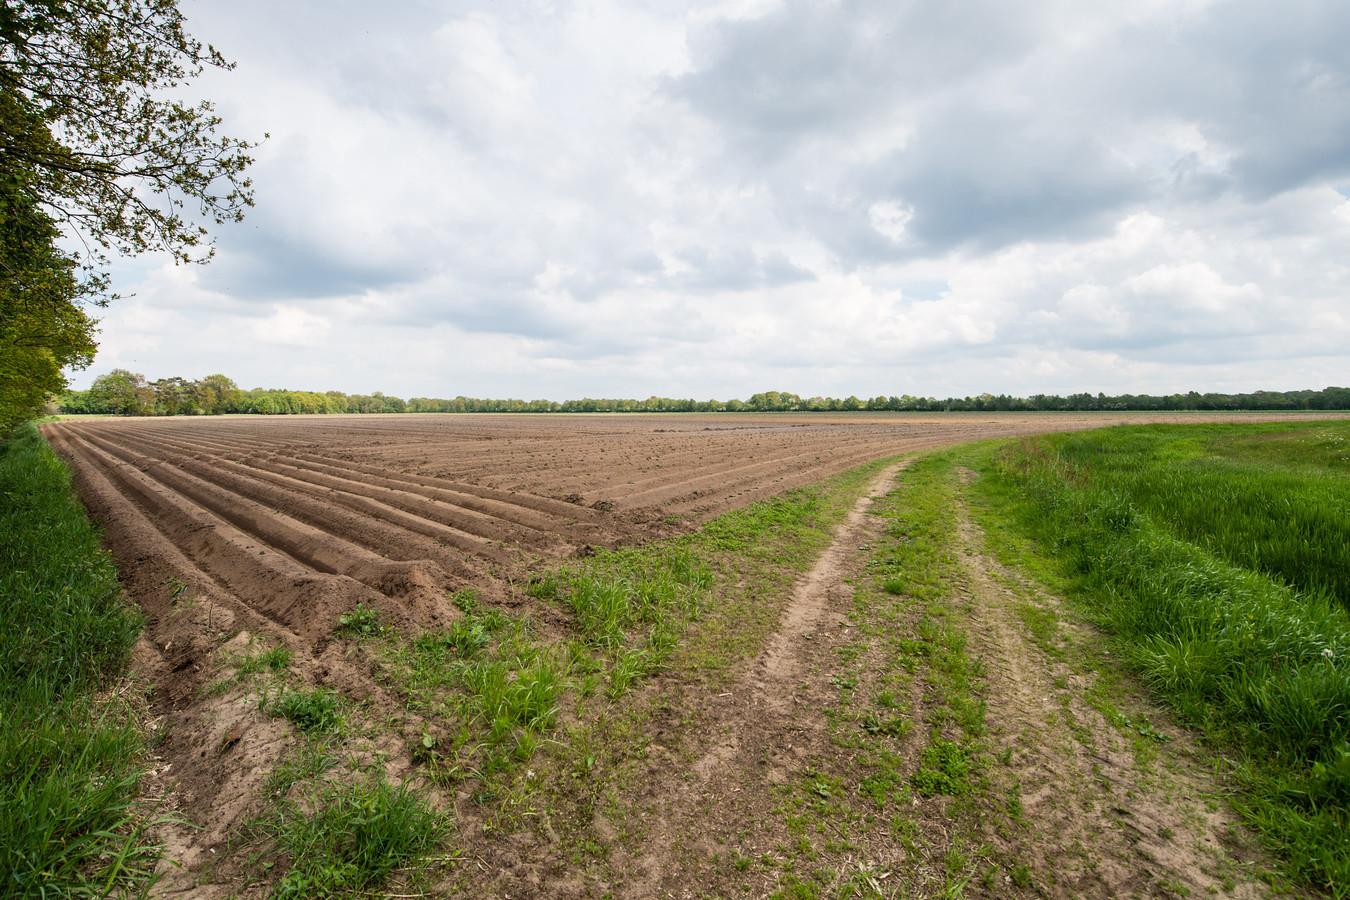 De 16 hectare akker aan de Zendvelderweg, tussen Munsterdijk en Zoddebeek, waar een aanvraag tot inrichting van een zonnepark voor is ingediend.